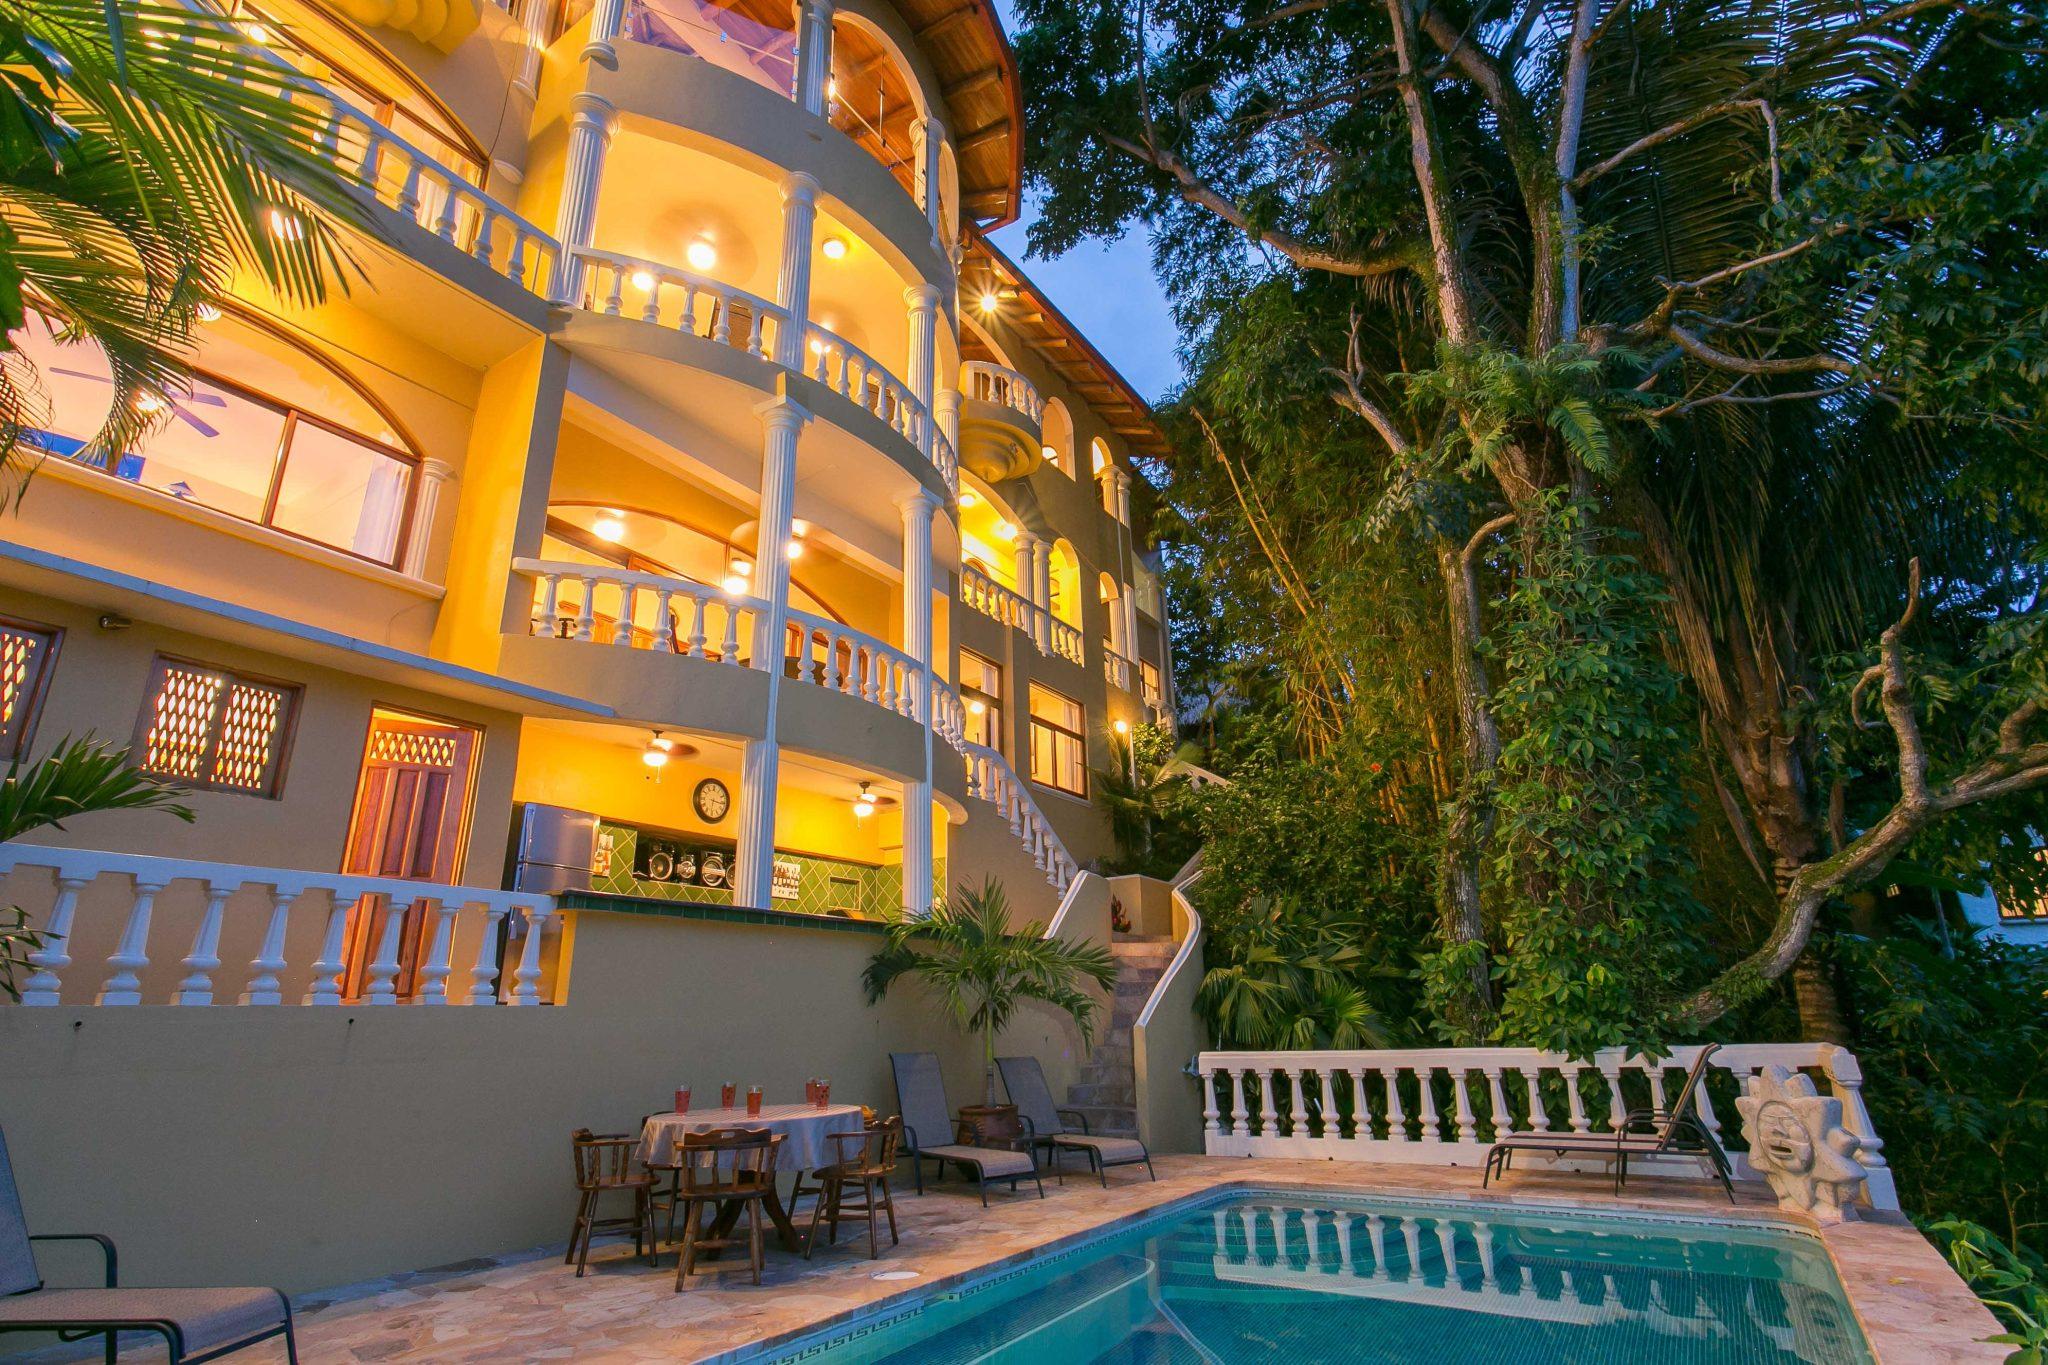 1/5 ACRE – 6 Bedroom Ocean View Home With Views Of Manuel Antonio Park!!!